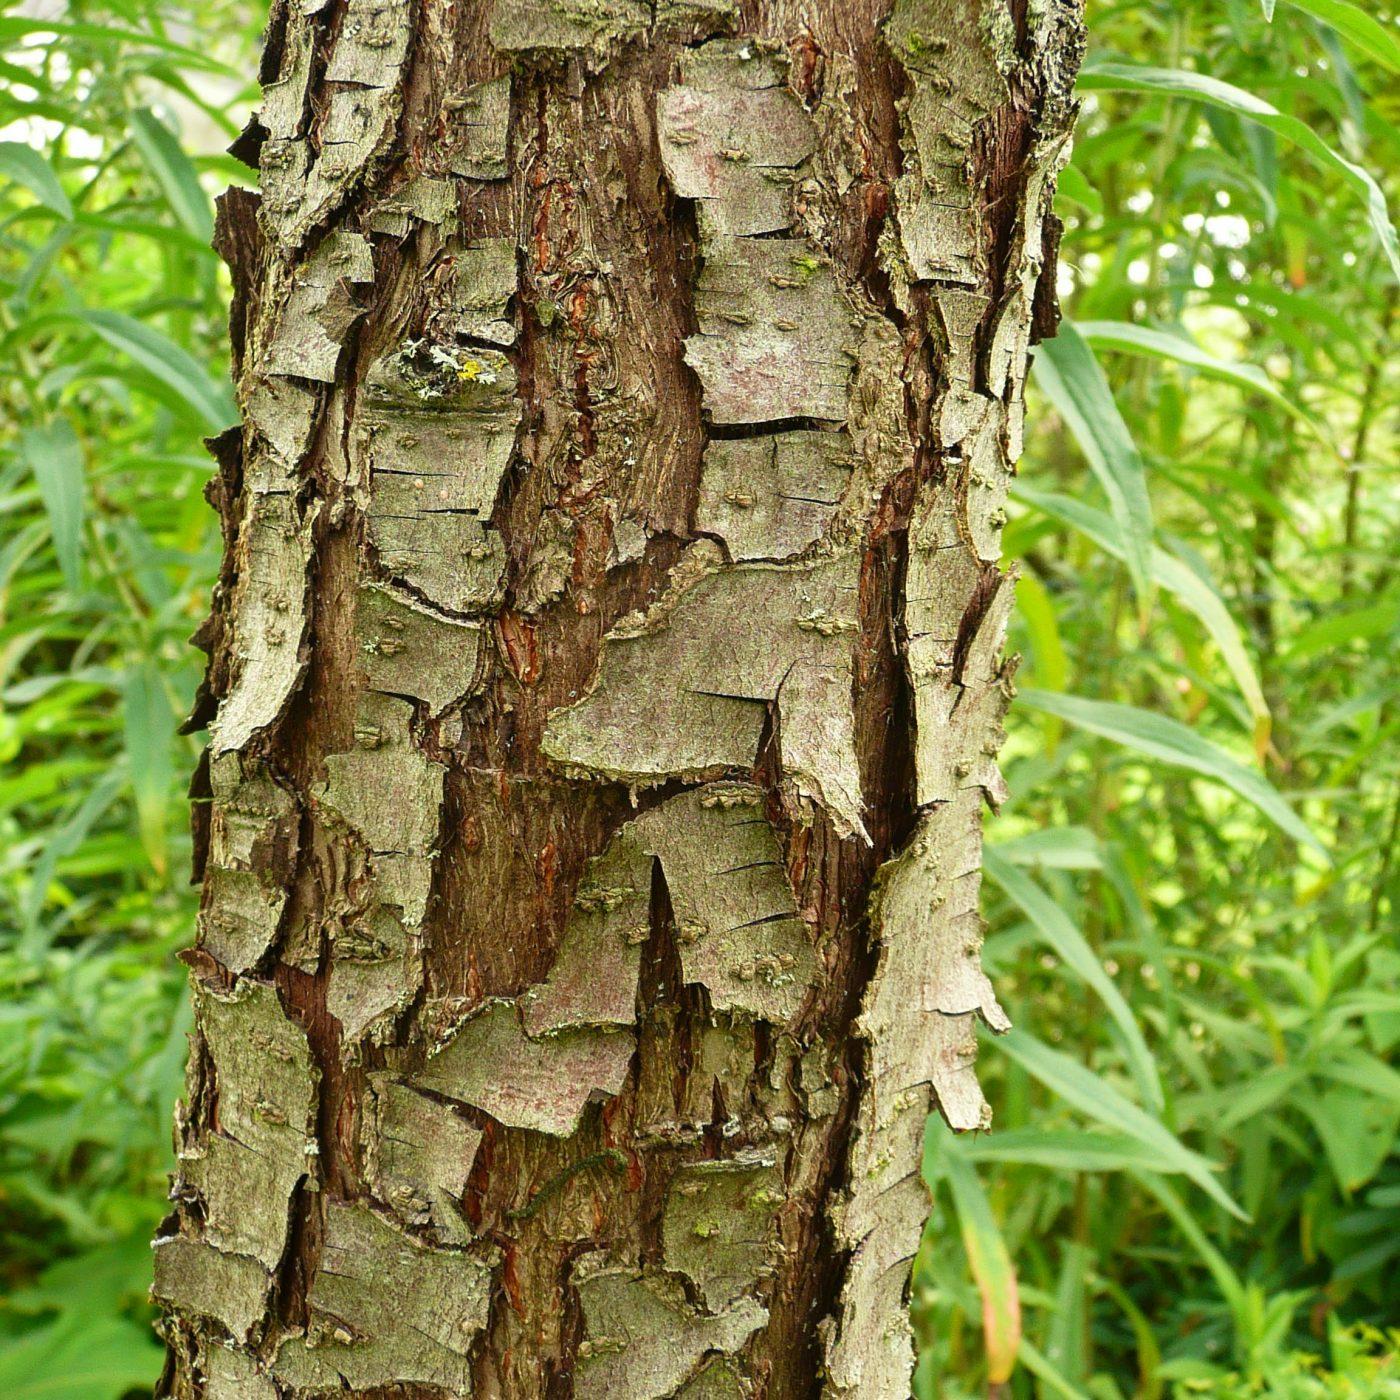 Die markante Rinde der Weidenblättrigen Birne, Pyrus salicifolia